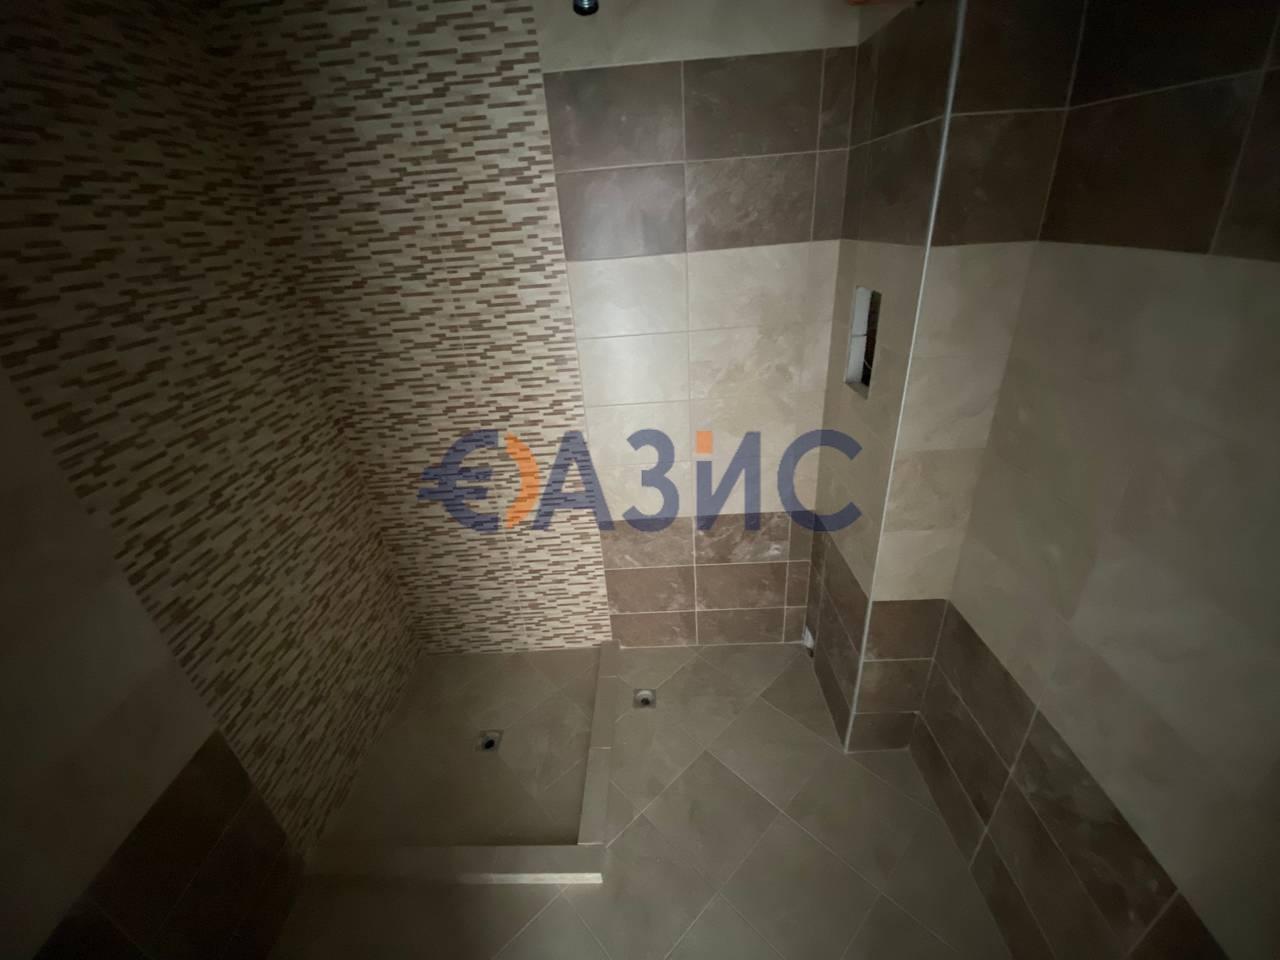 Трехкомнатный апартамент с водяным отоплением пола, Несебр, Болгария, 5